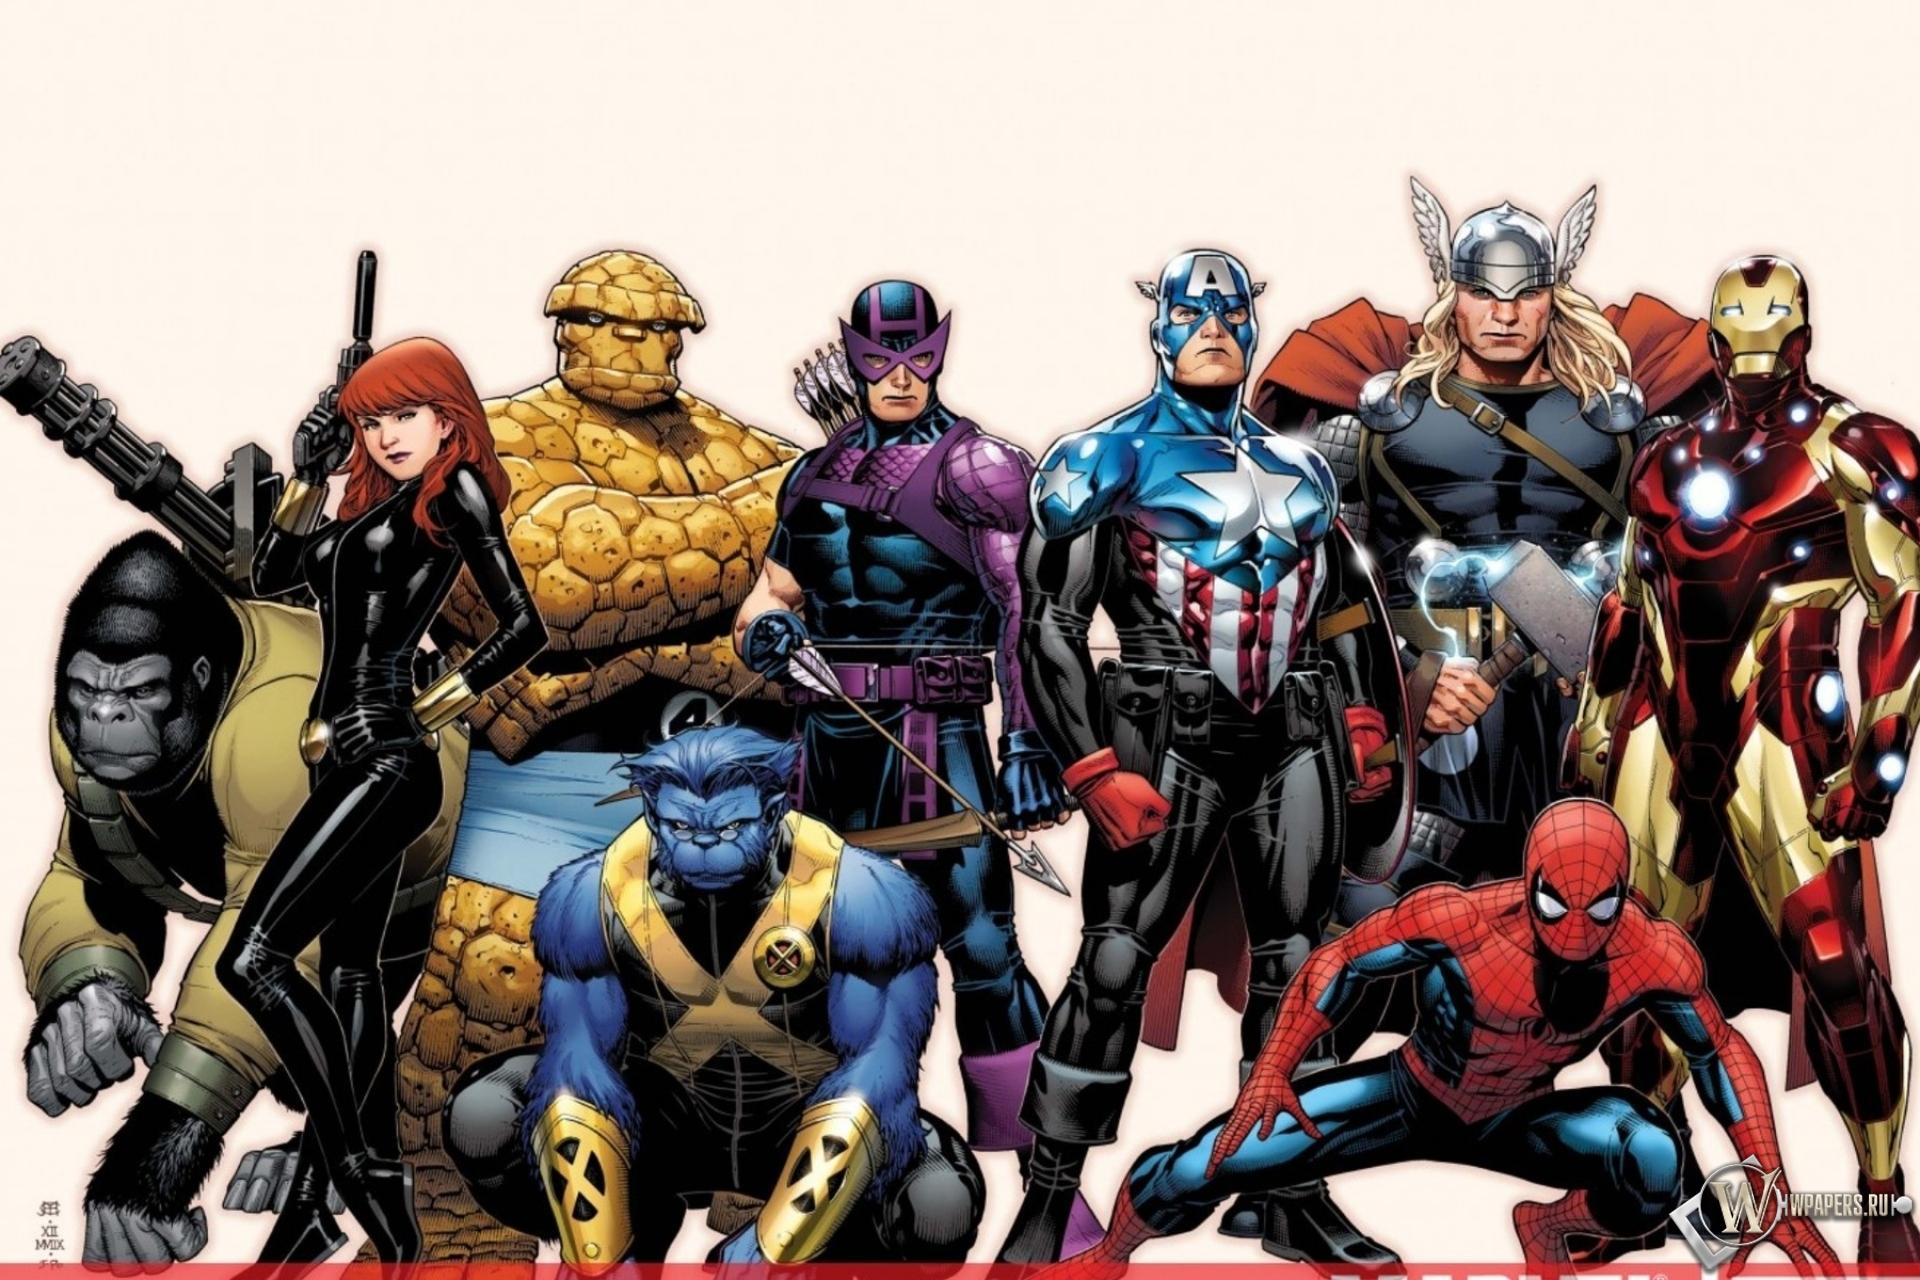 Обои Marvel на рабочий стол  artleocom